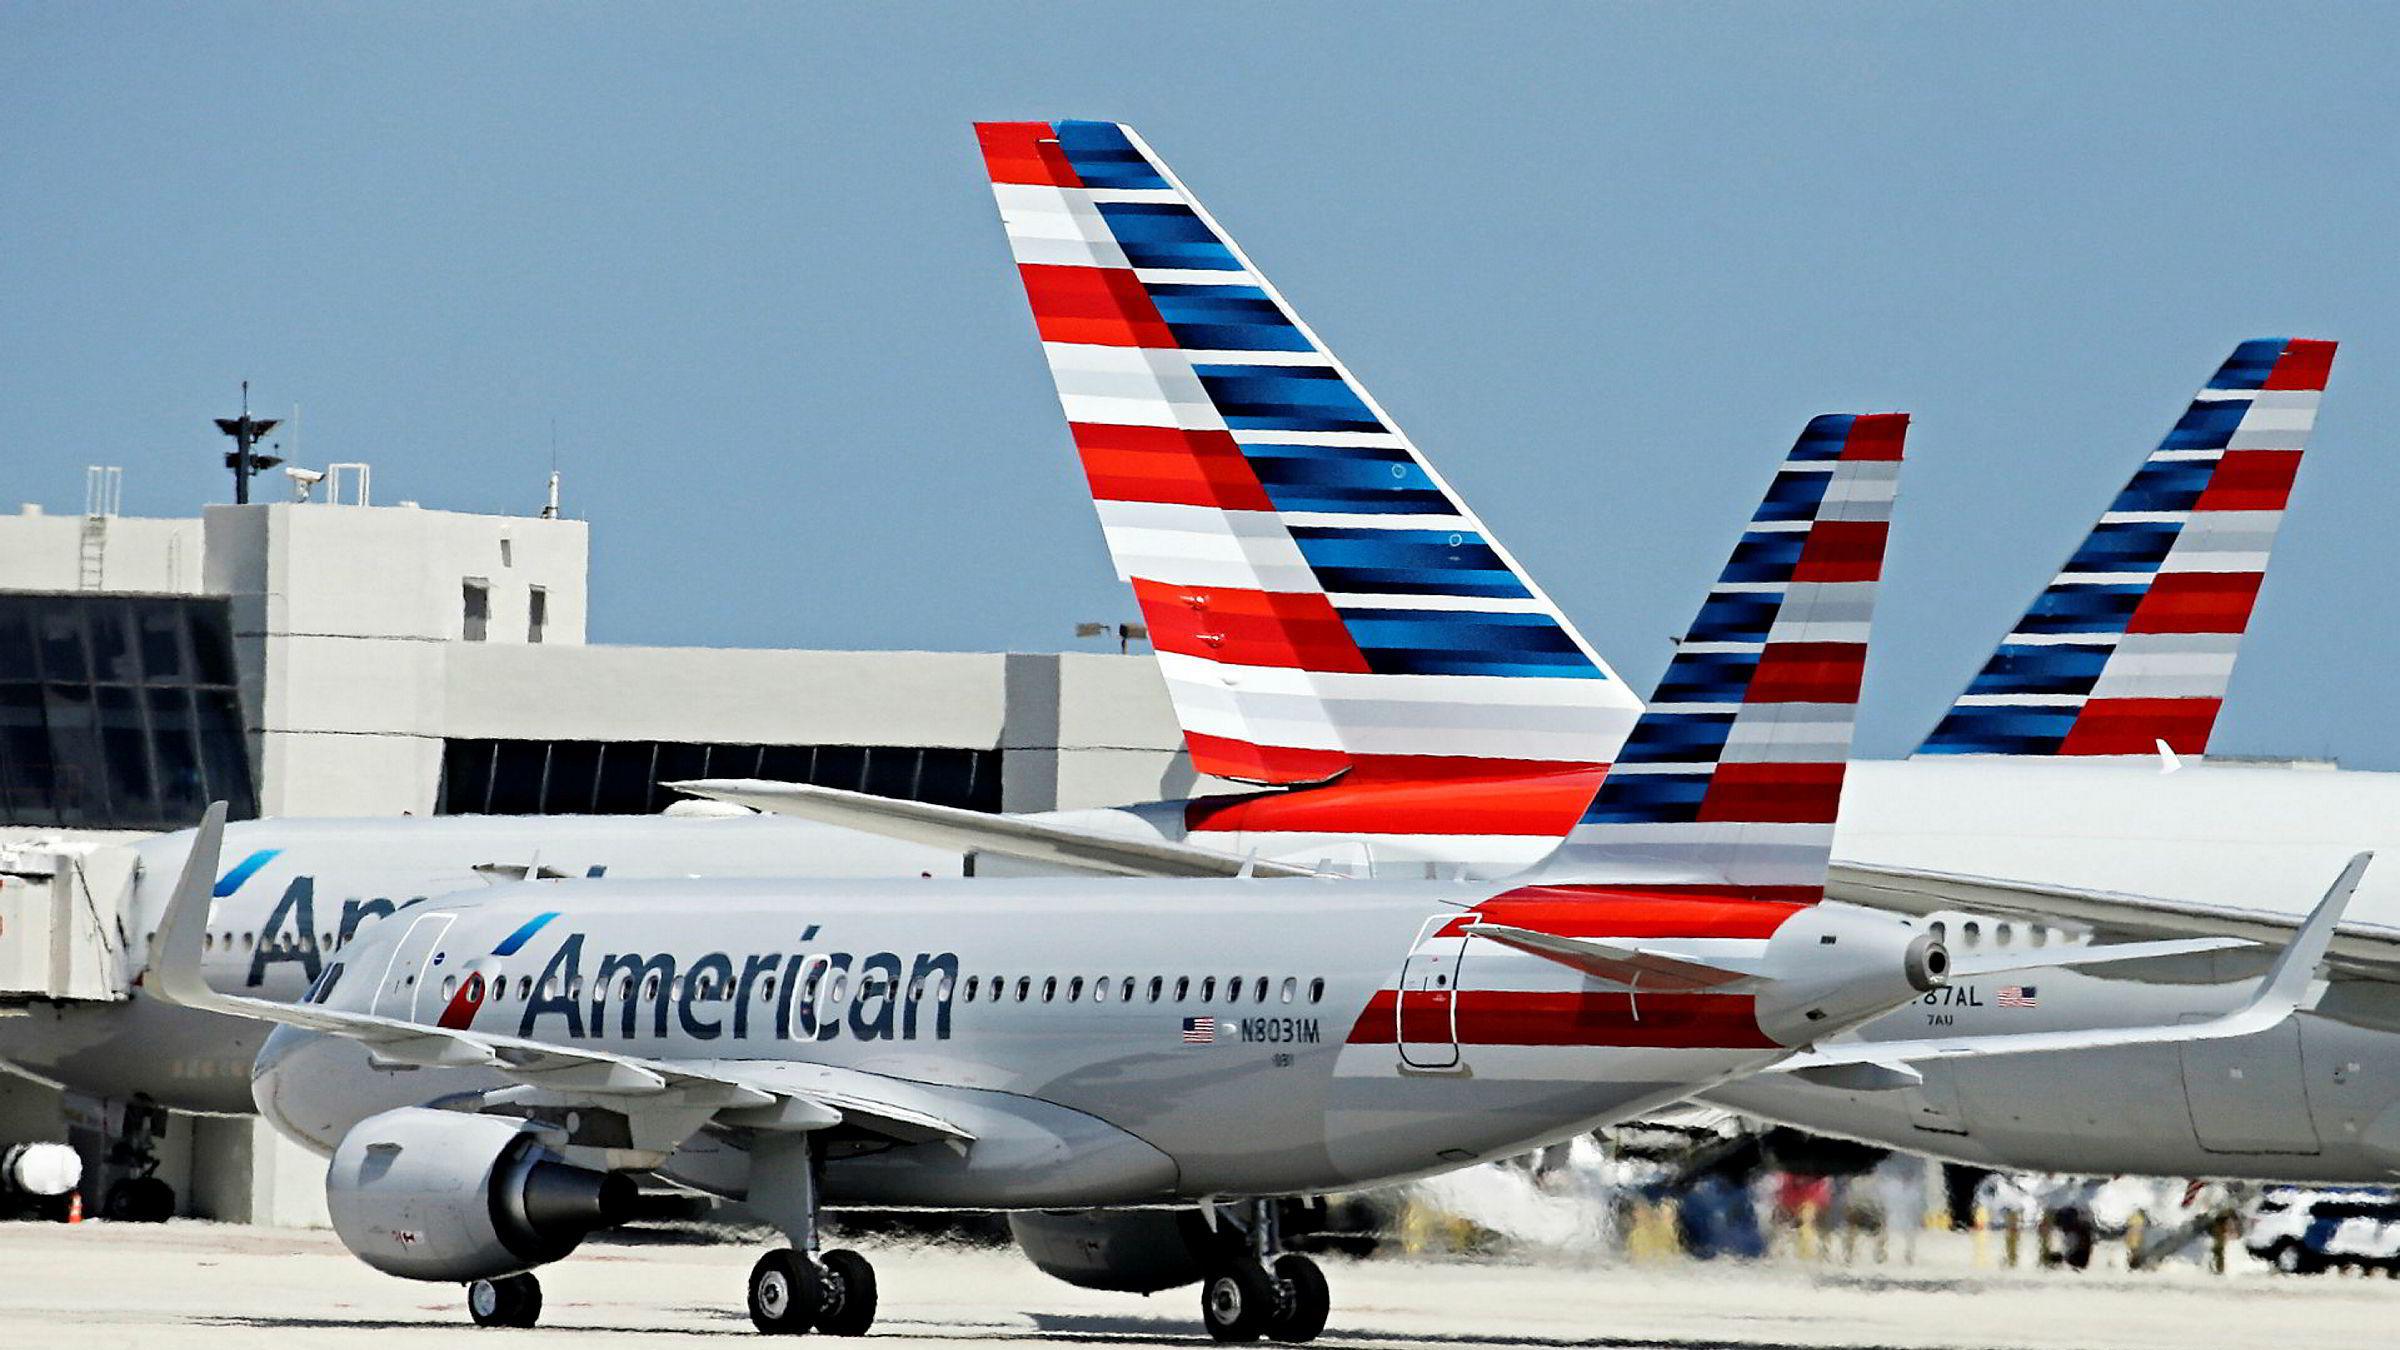 – Passasjerene kan bli møtt med respektløse, diskriminerende og utrygge omgivelser, skriver menneskerettsorganisasjon om flyselskapet American Airlines.